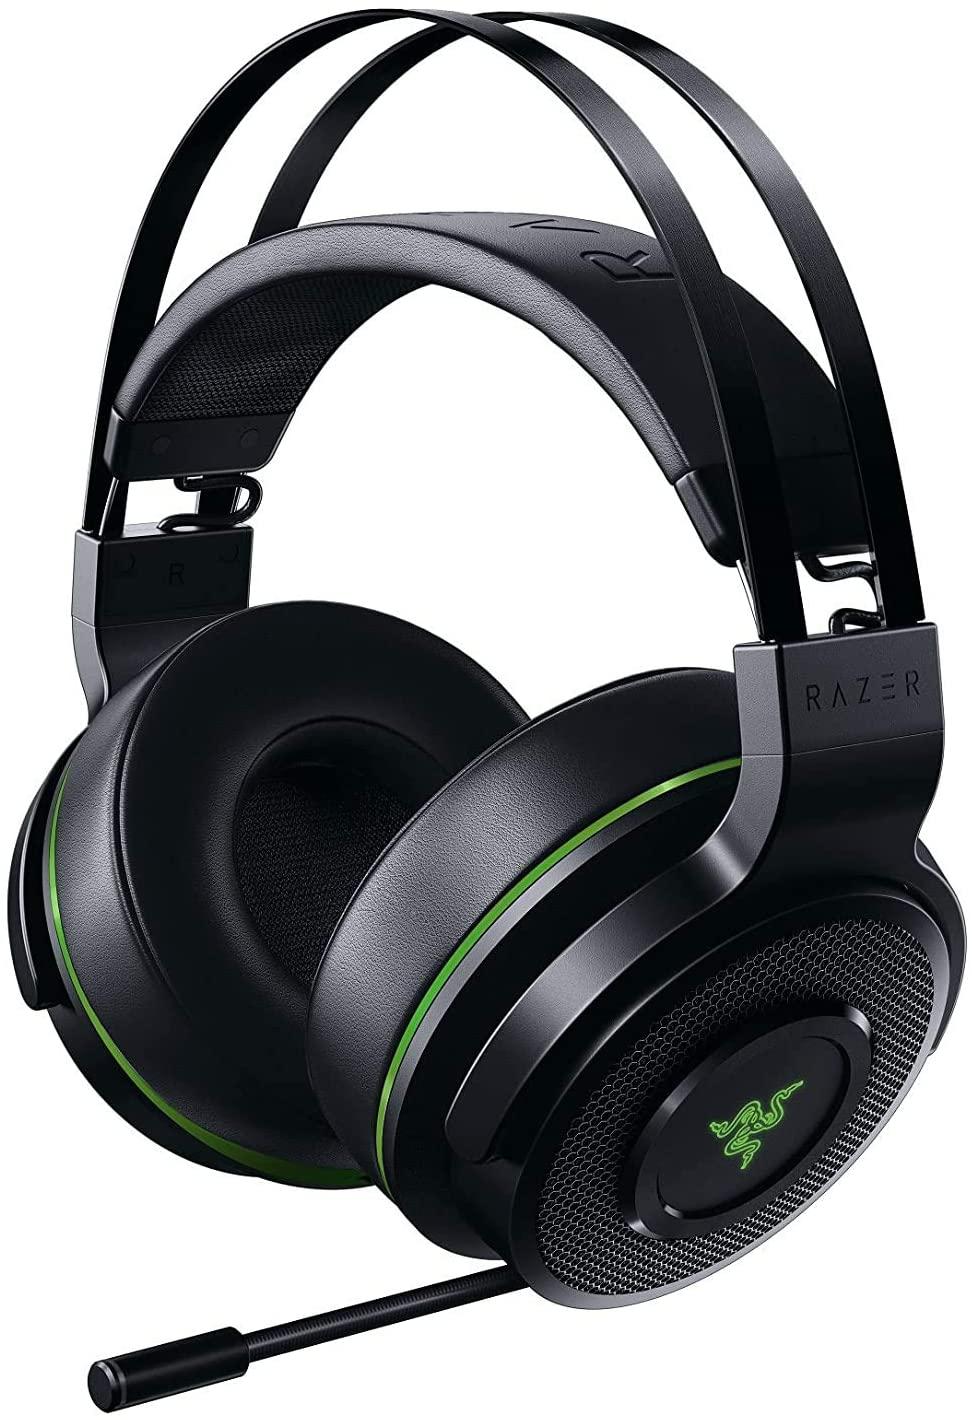 Razer Thresher 7.1 Wireless Headset Xbox One/Series X S